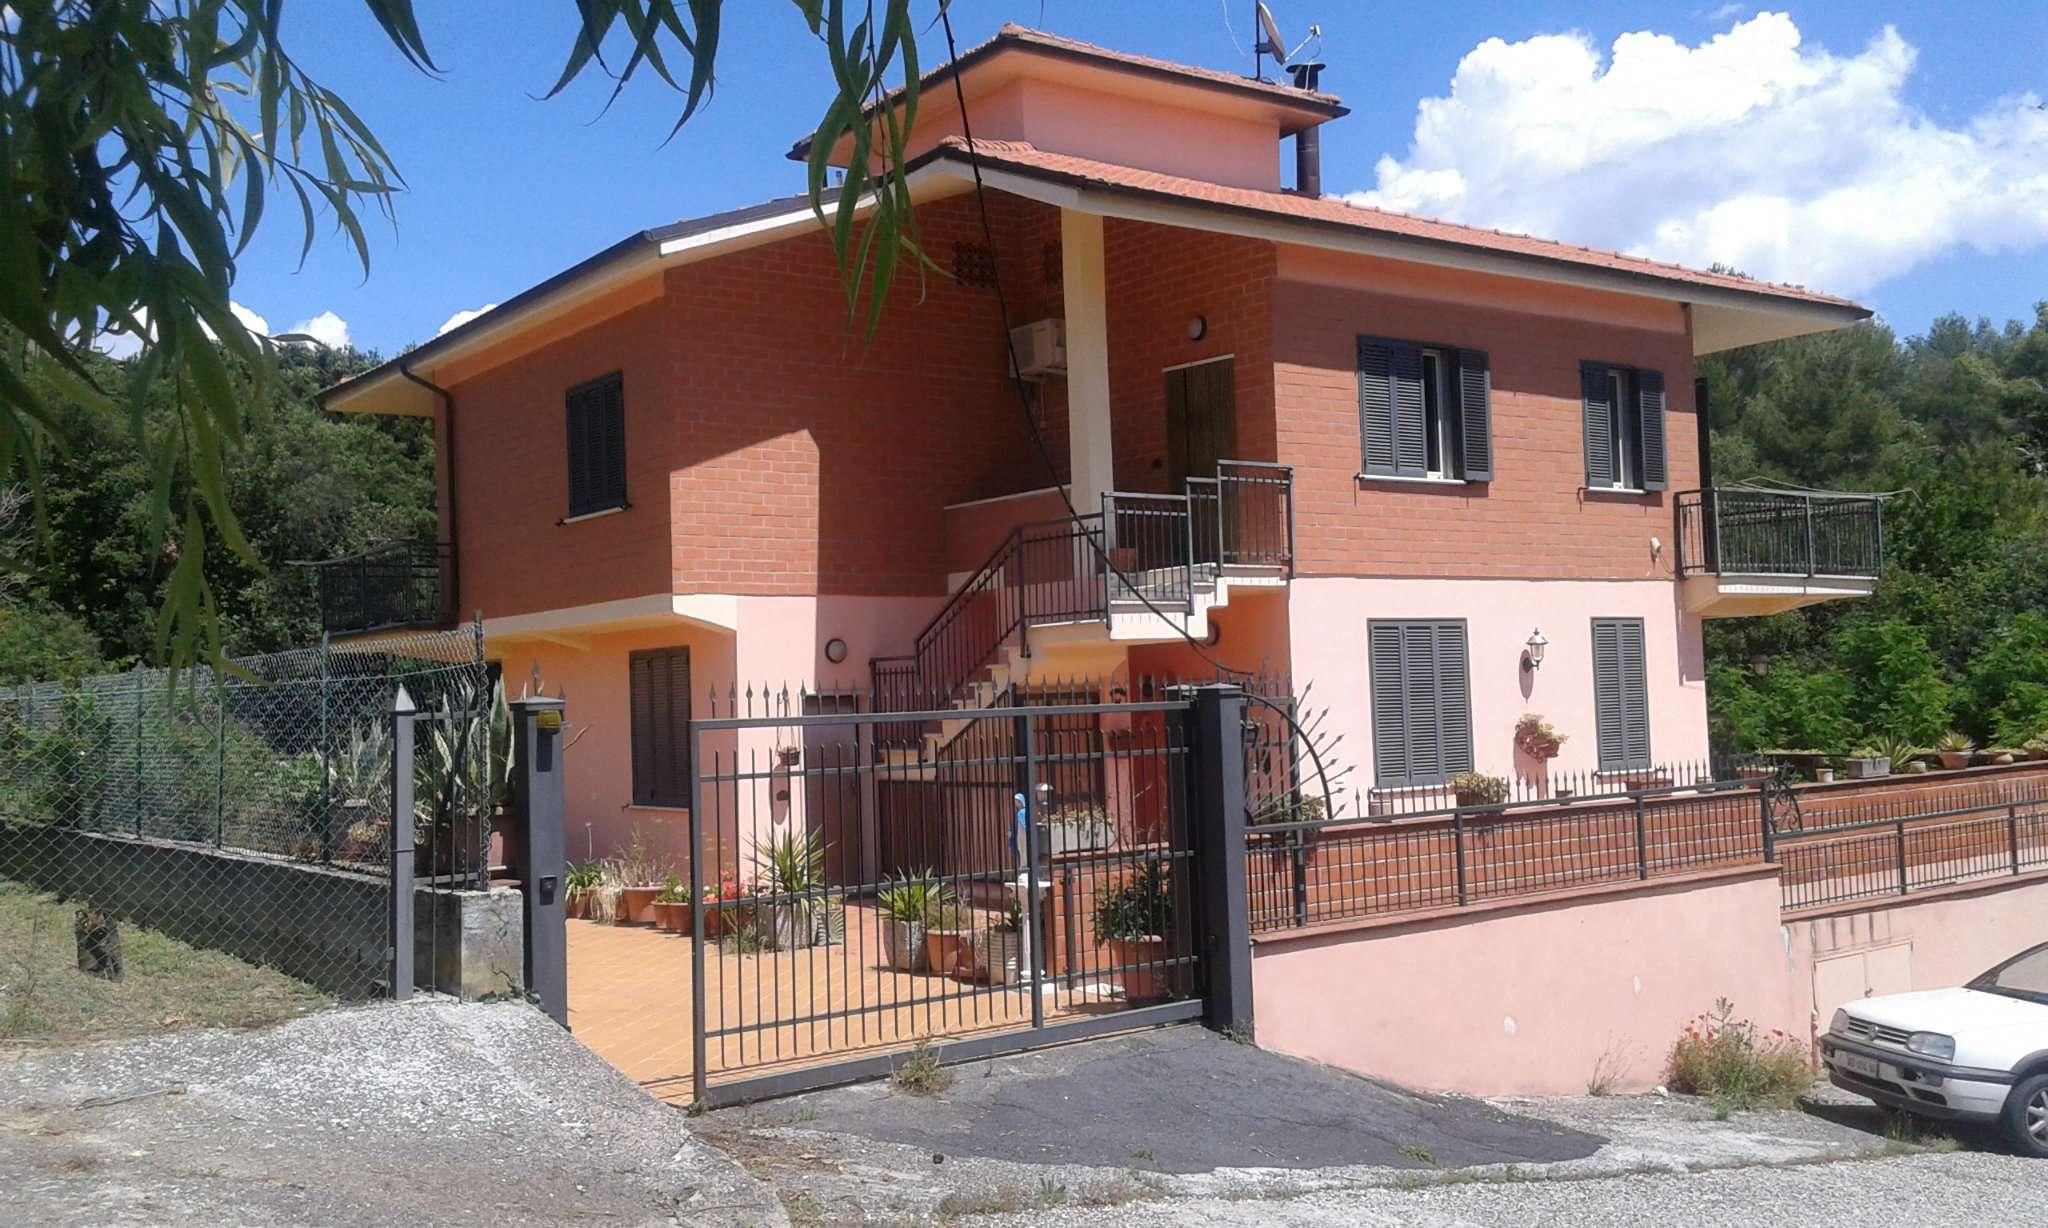 Villa in vendita a Narni, 6 locali, prezzo € 99.000 | CambioCasa.it